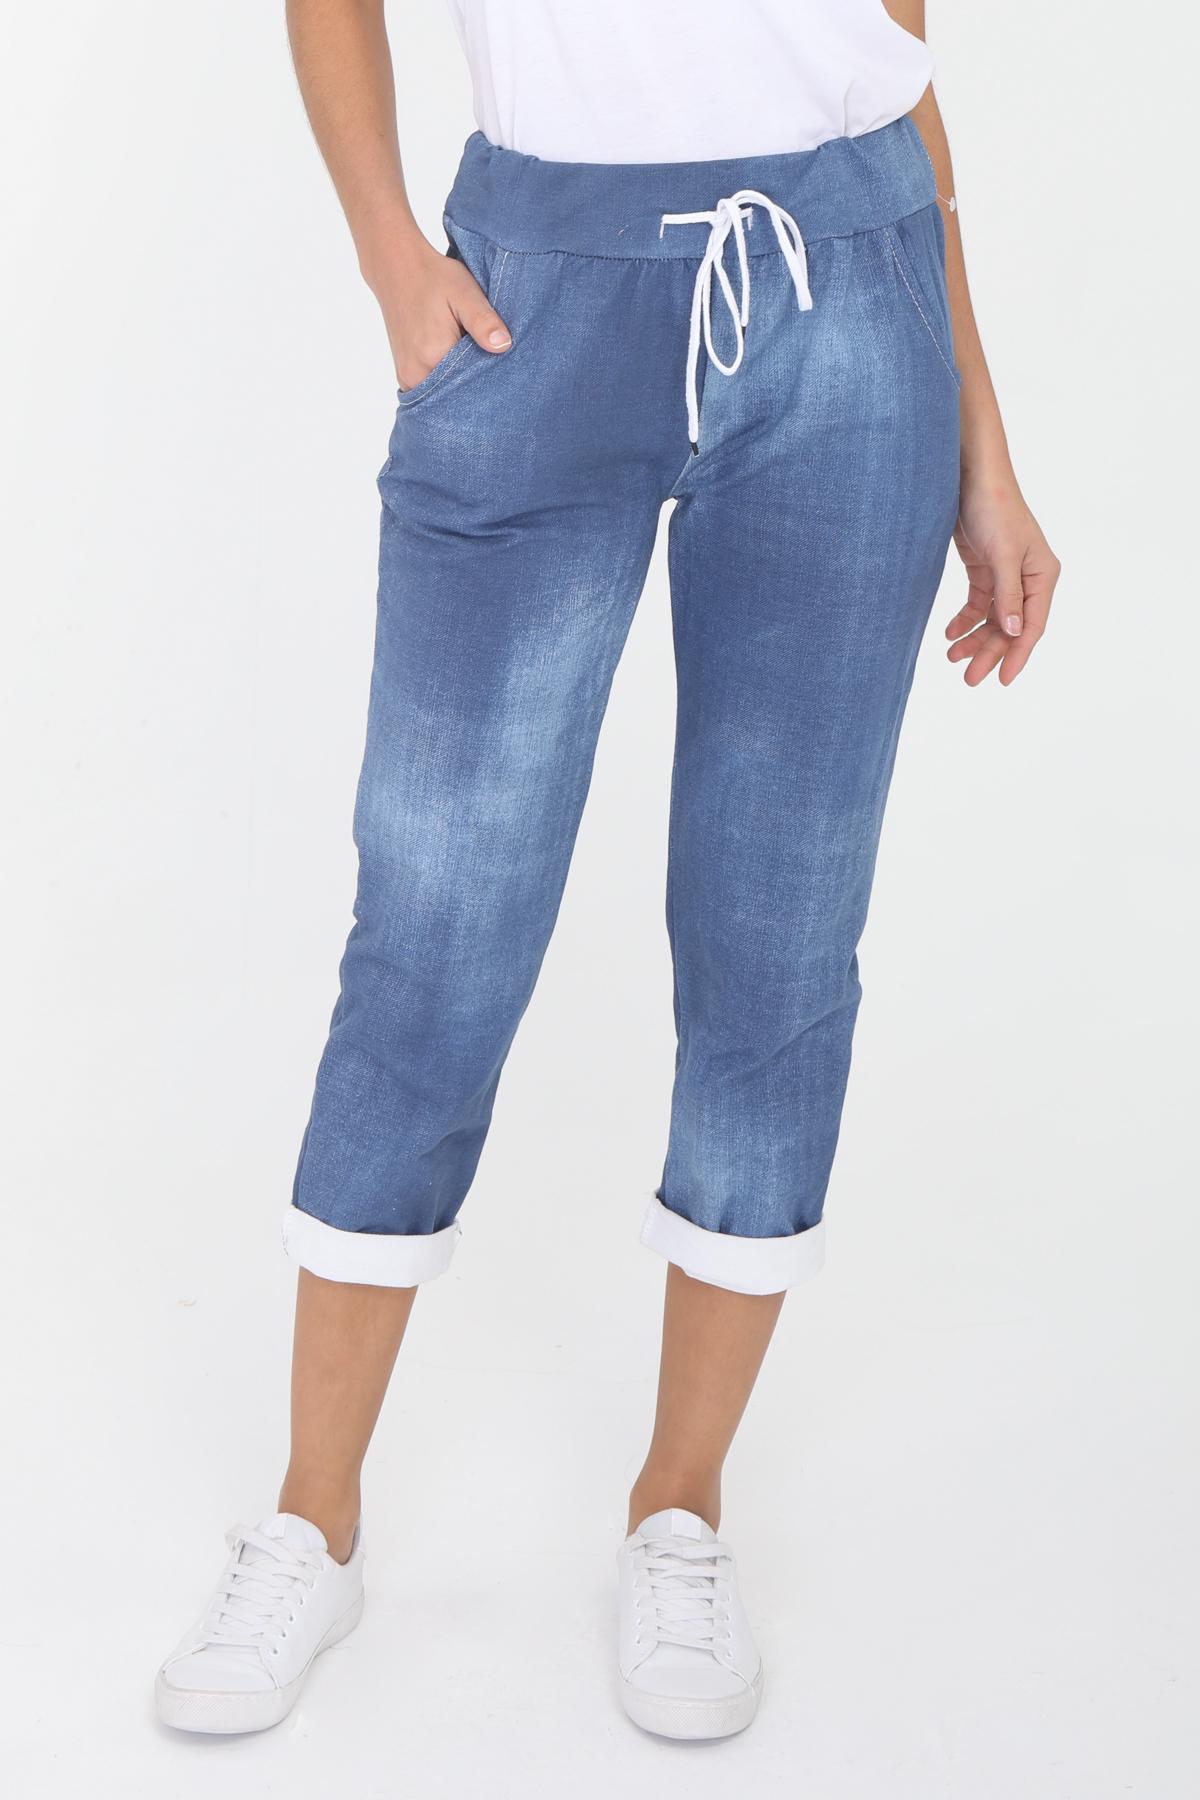 Pantalons Femme Bleu marine CBELLE PT08 #c eFashion Paris